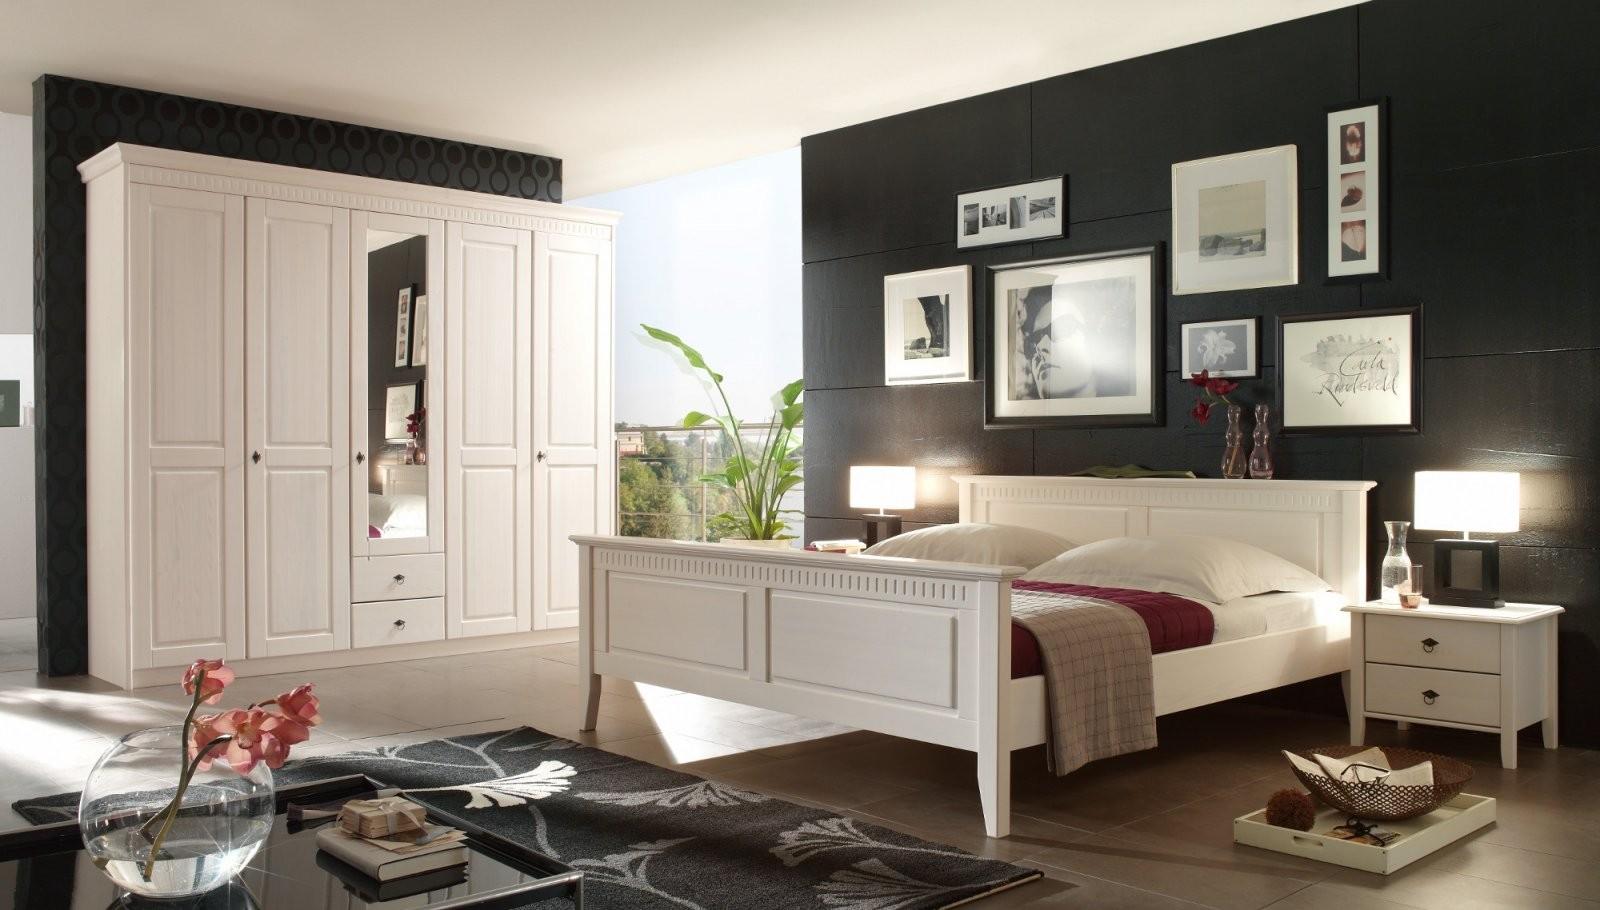 Schlafzimmer Kiefer Massiv Weiß Im Landhausstil Bolzano von Schlafzimmer Im Landhausstil Weiß Photo